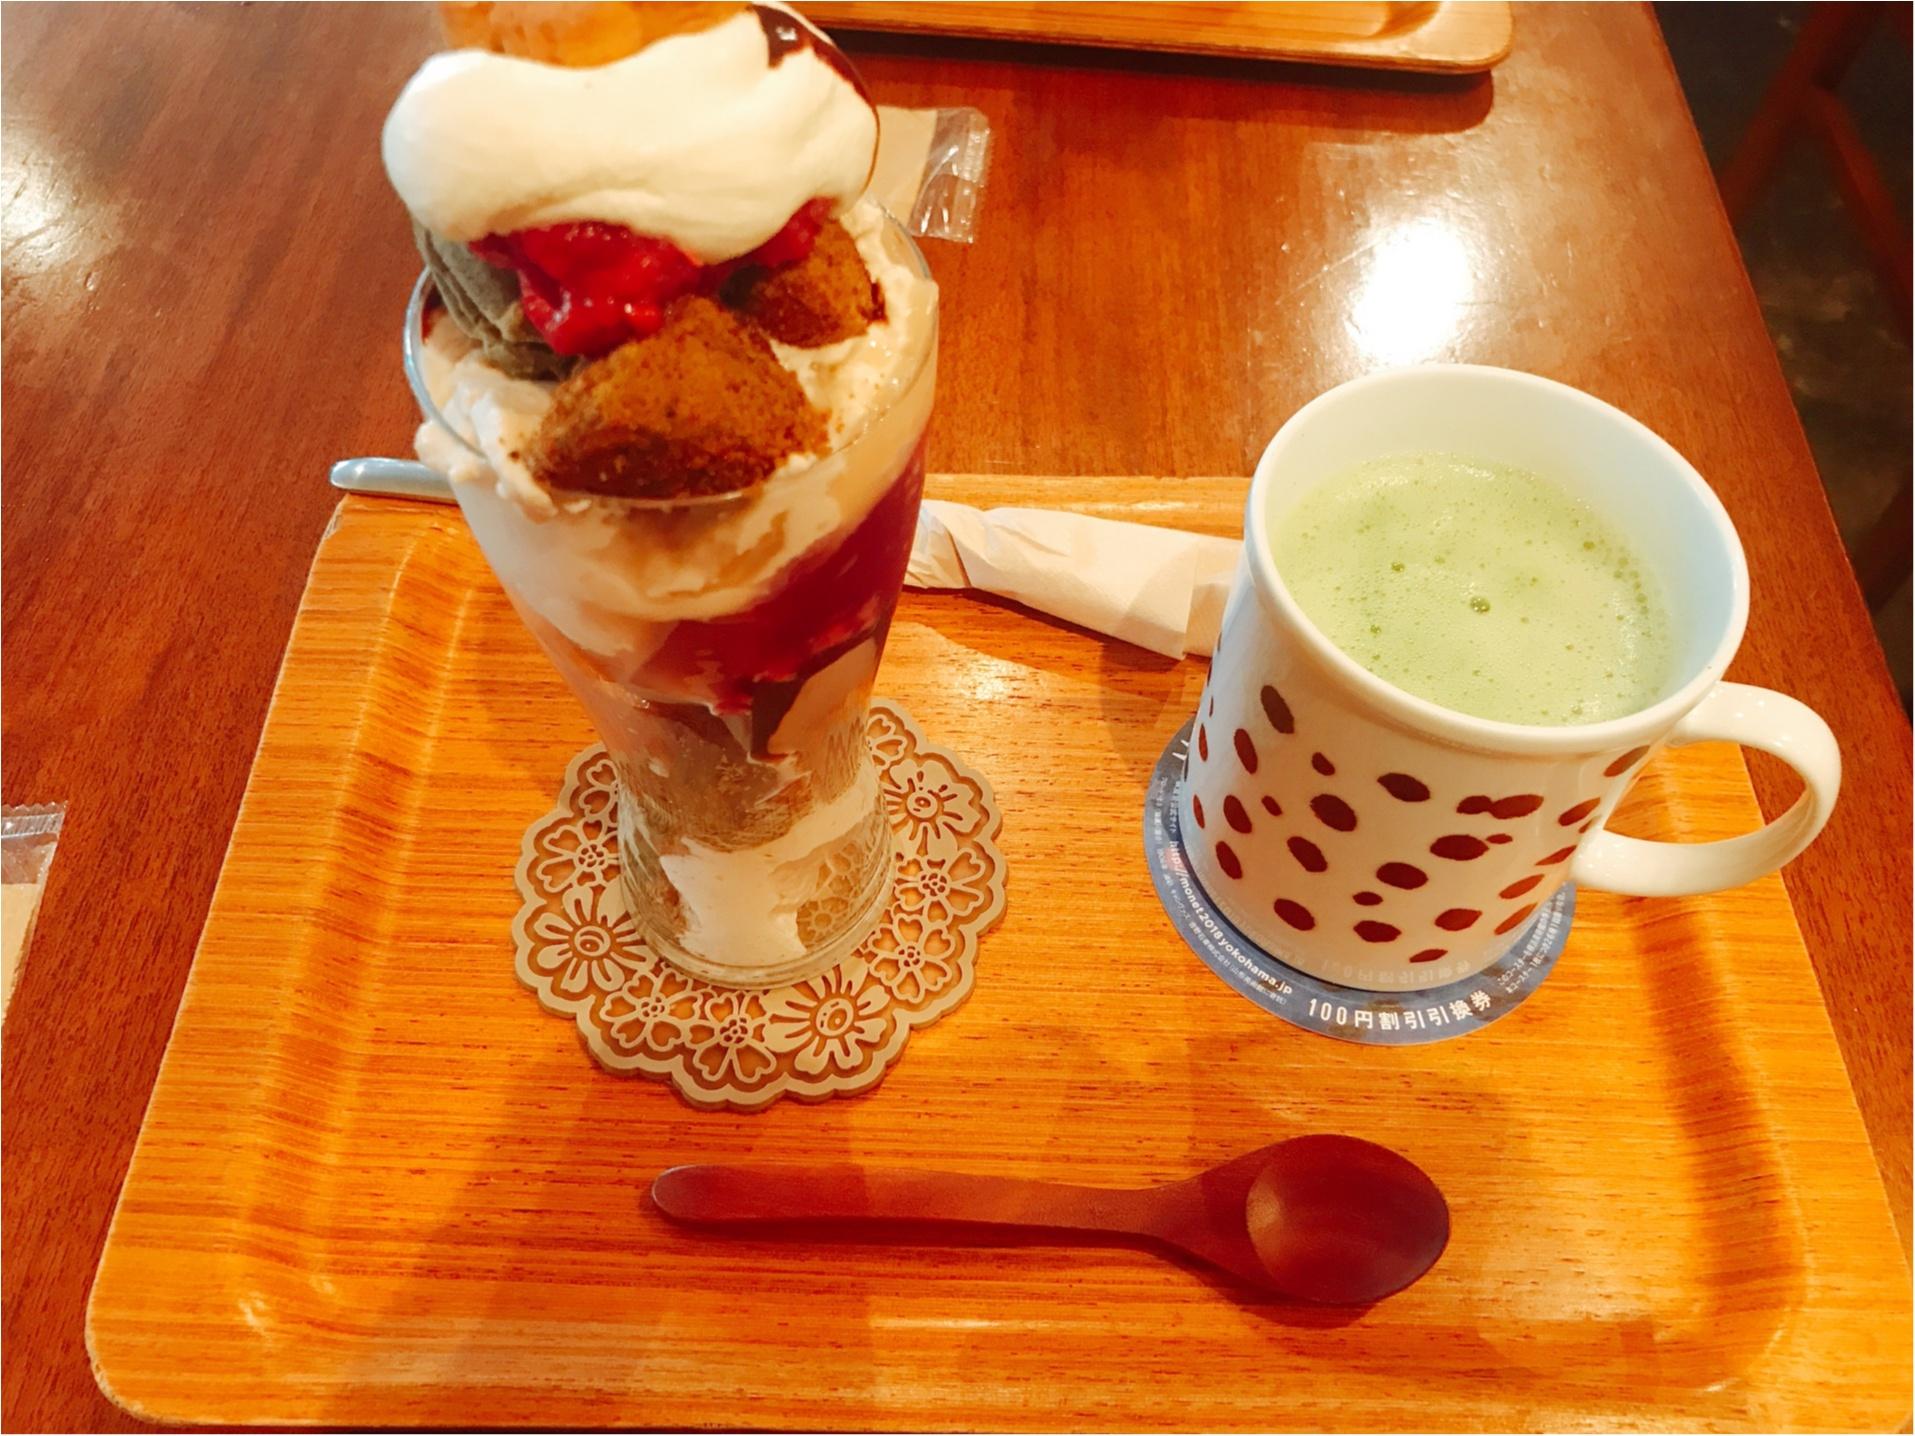 横浜女子旅特集《2019年版》- フォトジェニックな観光スポットから、日本一分厚いパンケーキなど魅力がいっぱい!_16